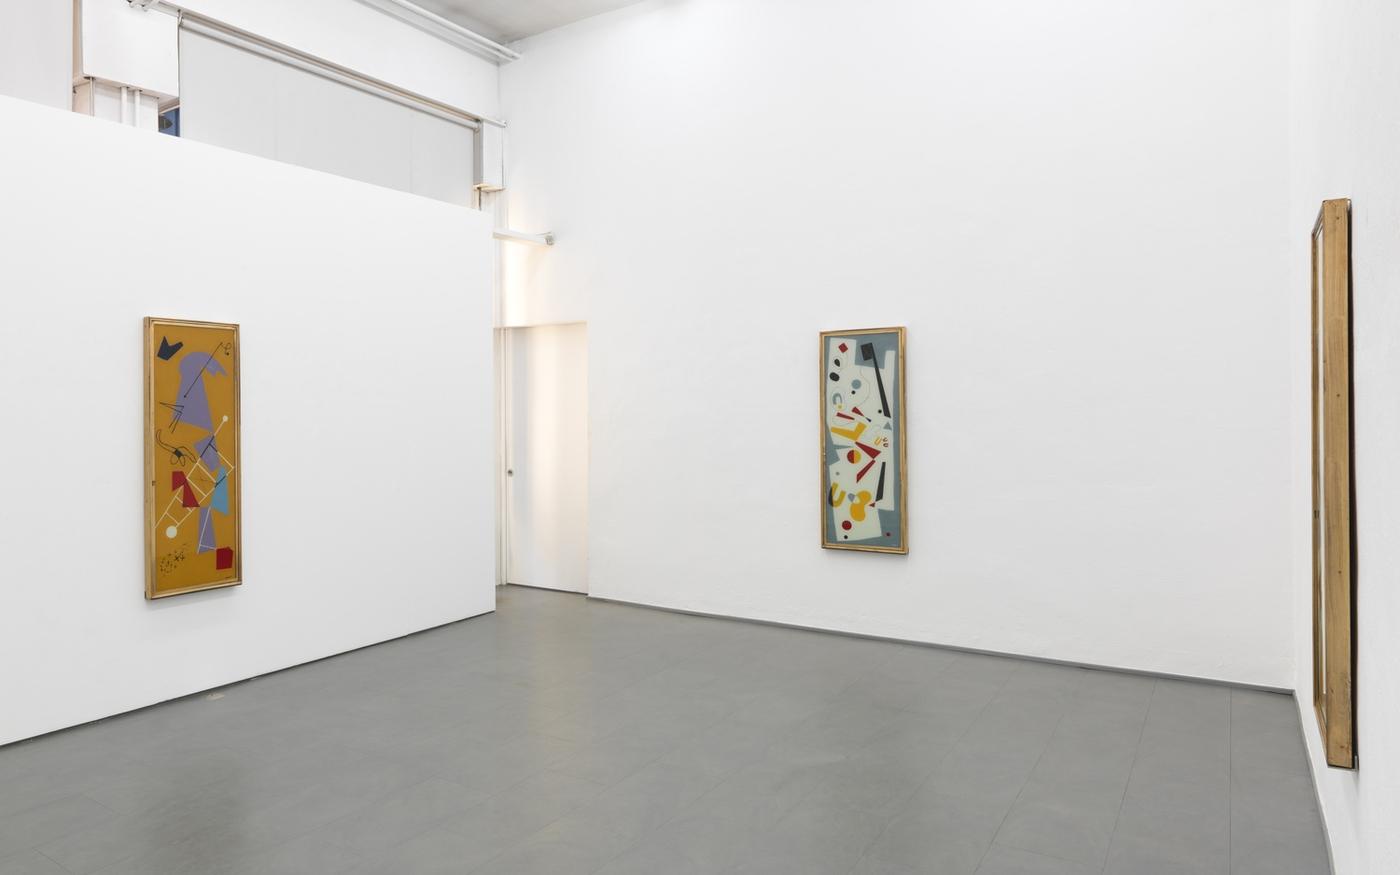 Studio d'arte contemporanea Dabbeni, Studio Dabbeni Gianni Monnet and the Livio Levi's Store 21 ottobre - 19 dicembre 2020